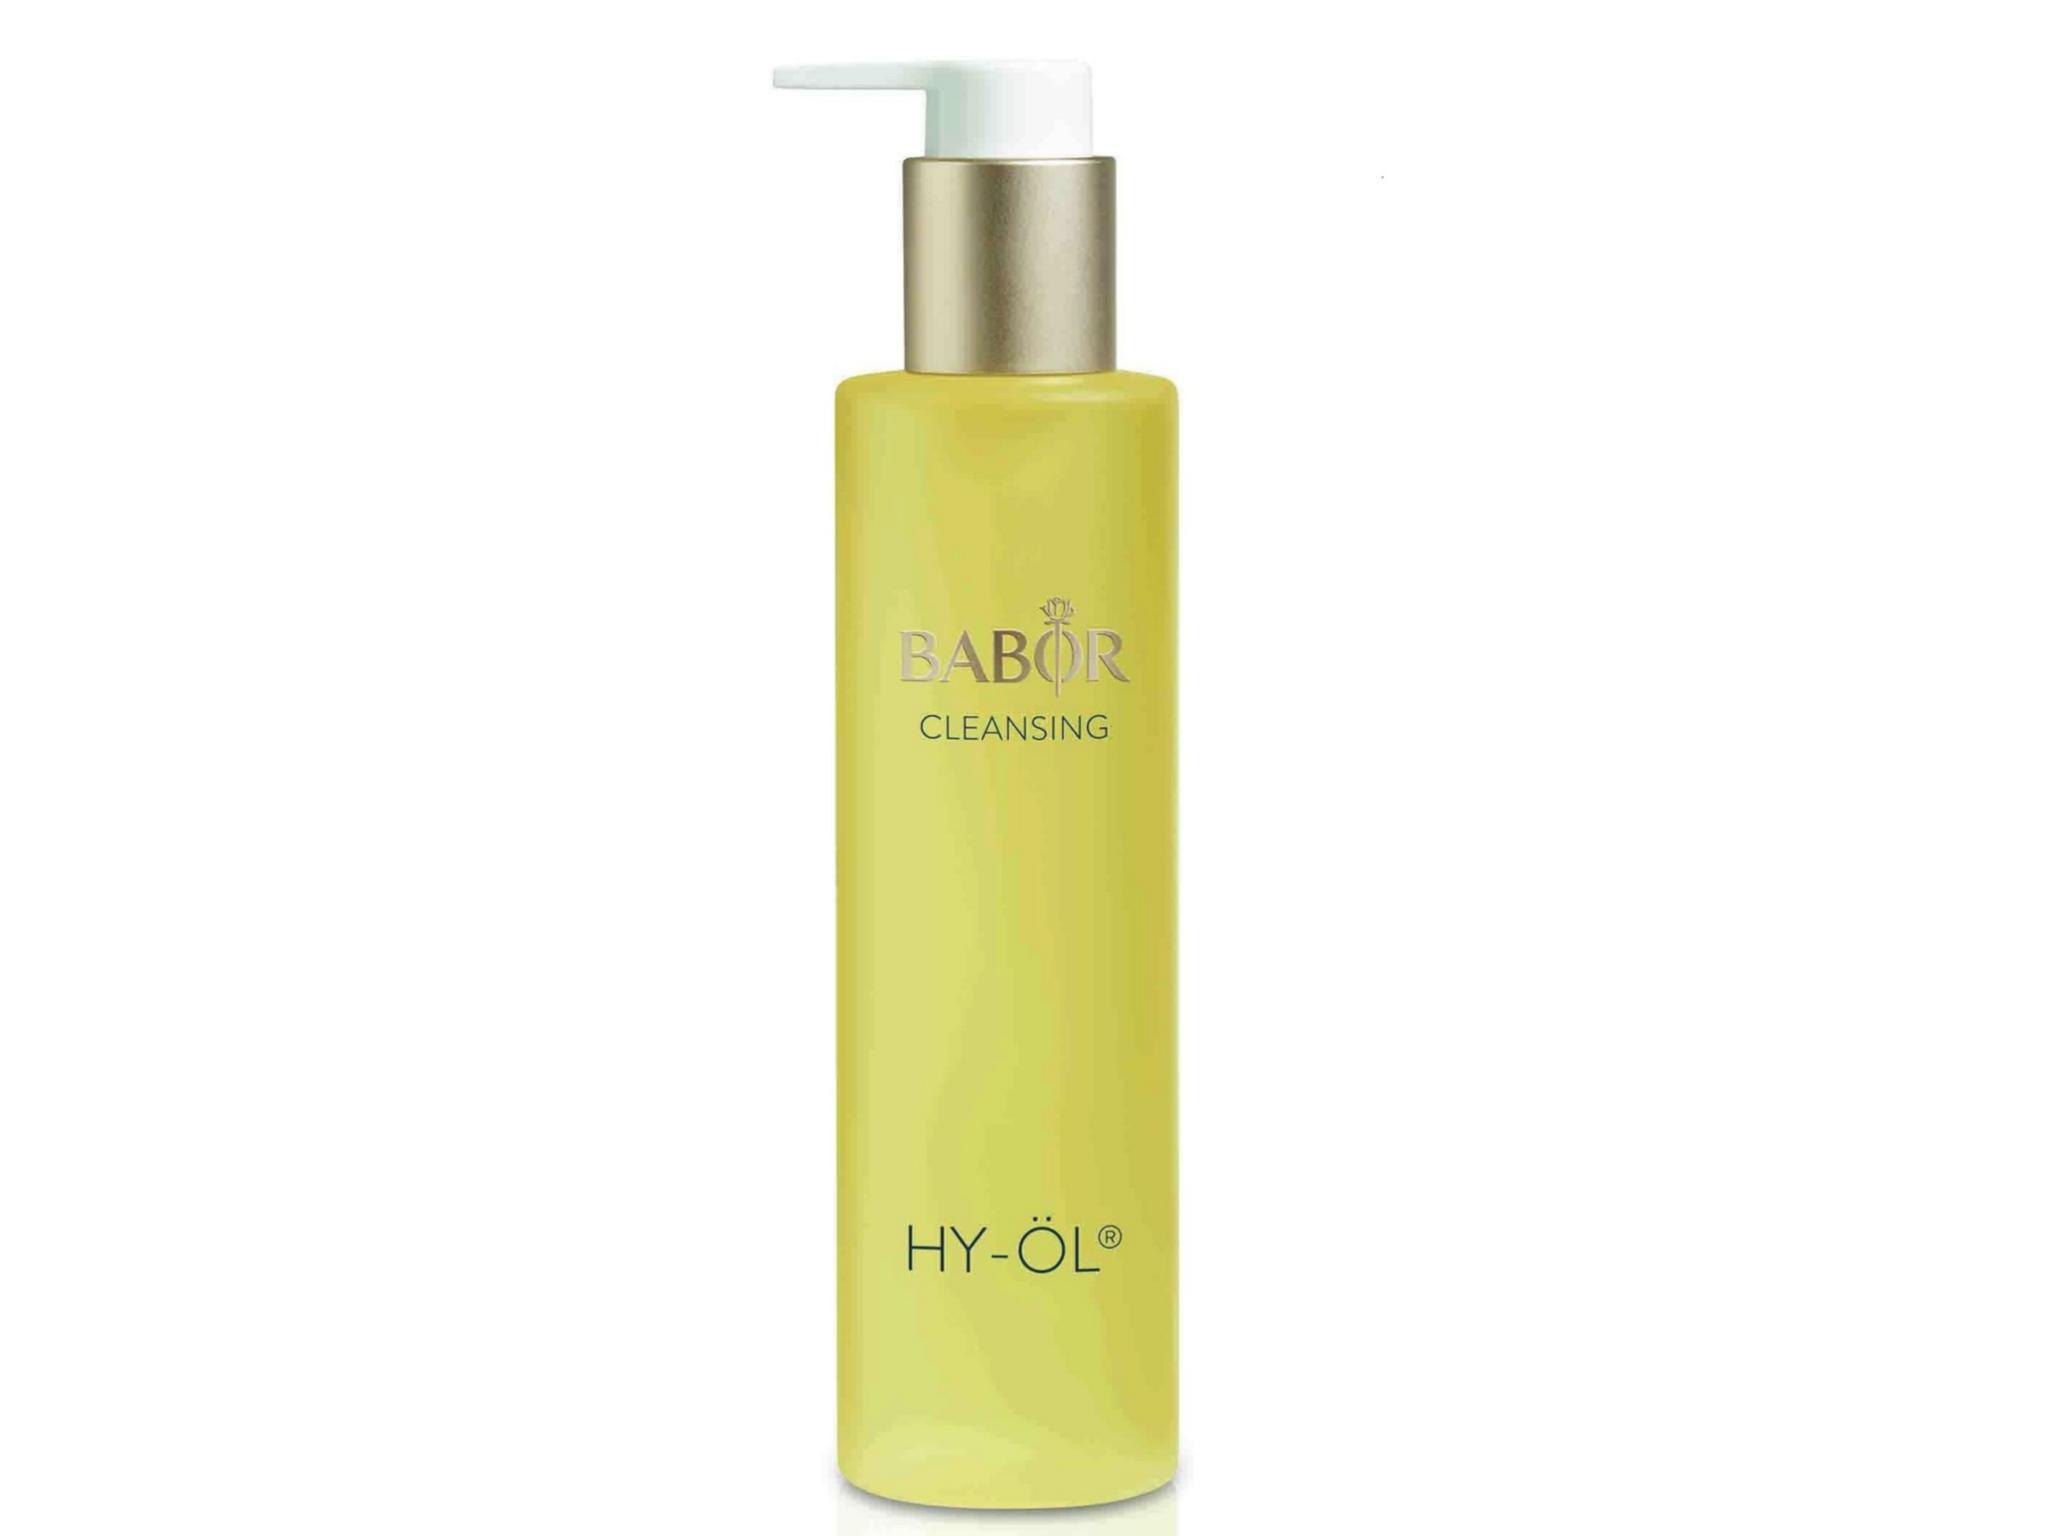 Aceite limpiador HY-ÖL, Babor. Elaborado con aceites naturales de soja, sésamo y cacahuete. Para todo tipo de piel. 26 euros.